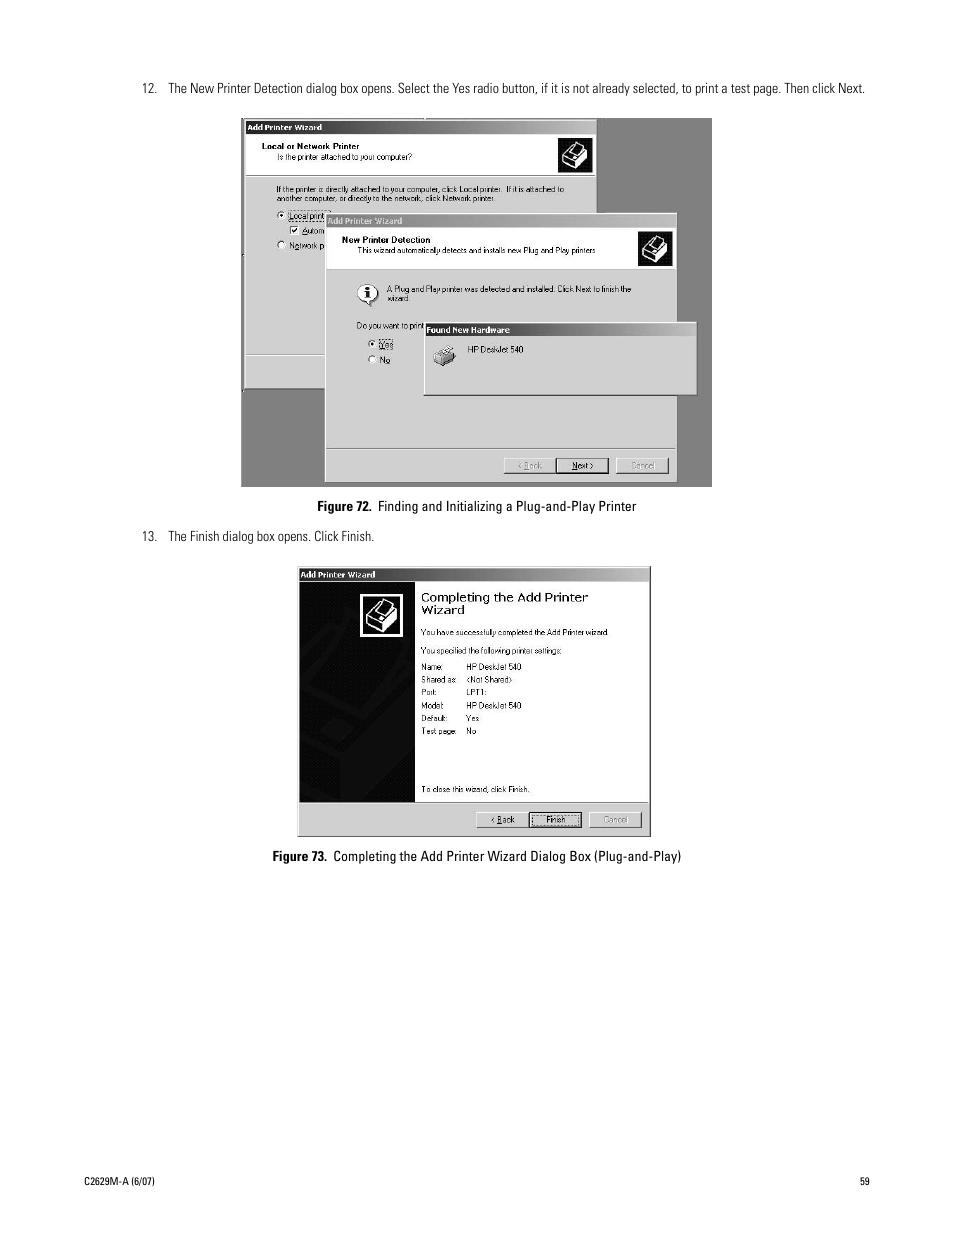 pelco dx8100 user manual page 59 92 rh manualsdir com Pelco DX8100 exacqVision NVR NVR pelco dx8100 operation manual